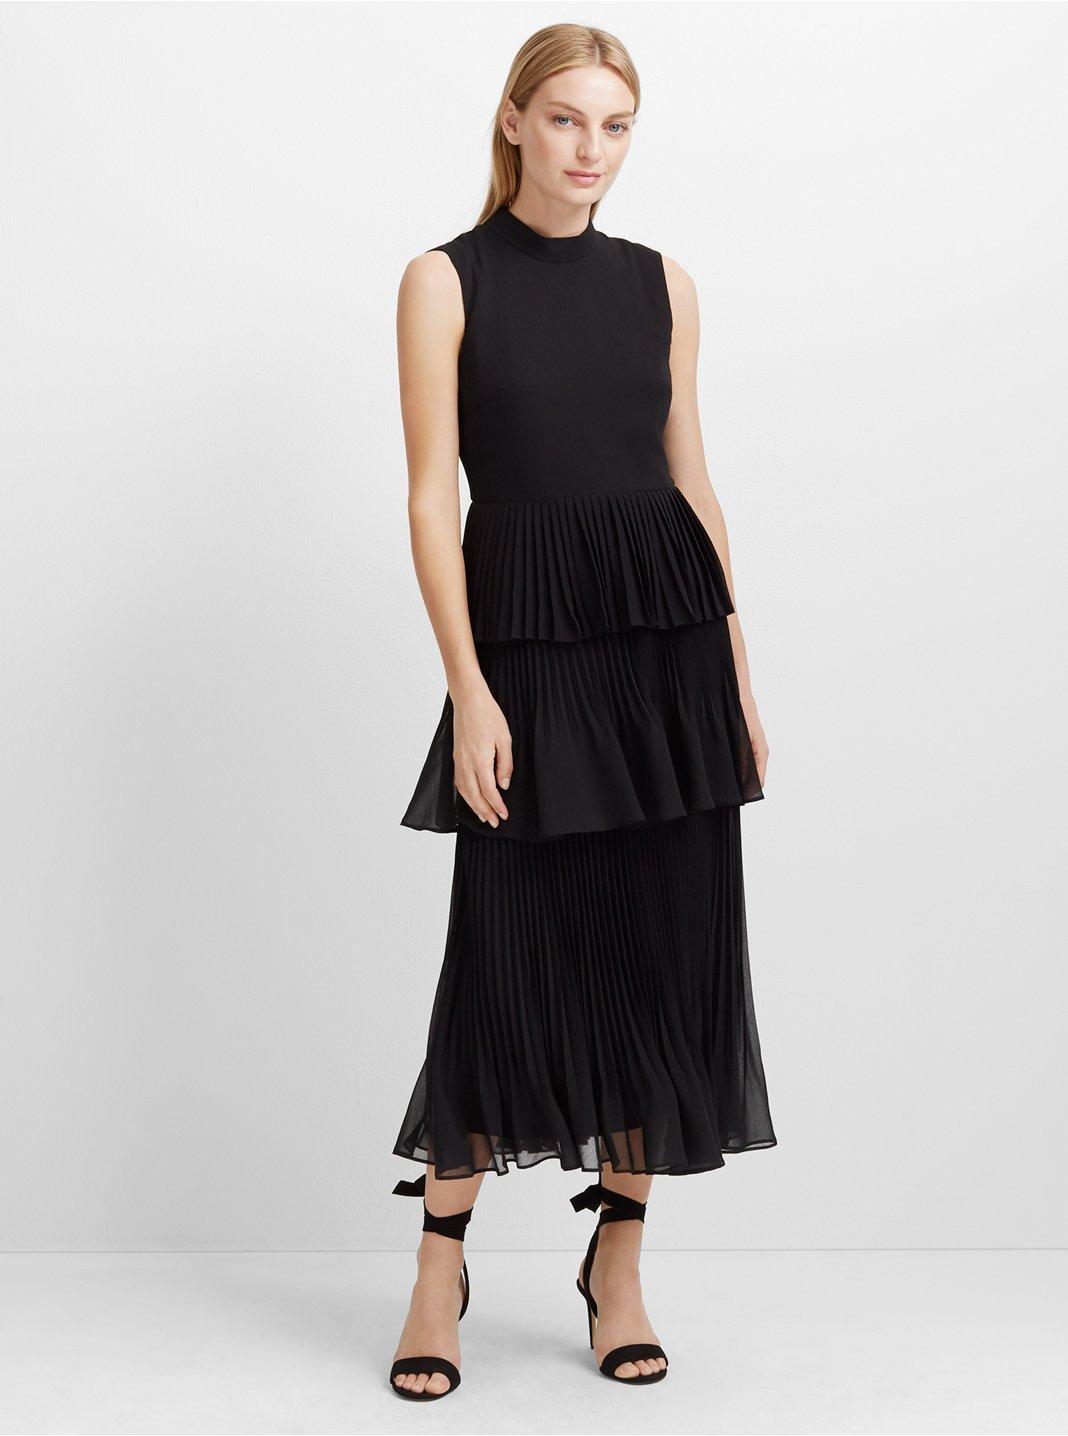 Jubileeza  Dress